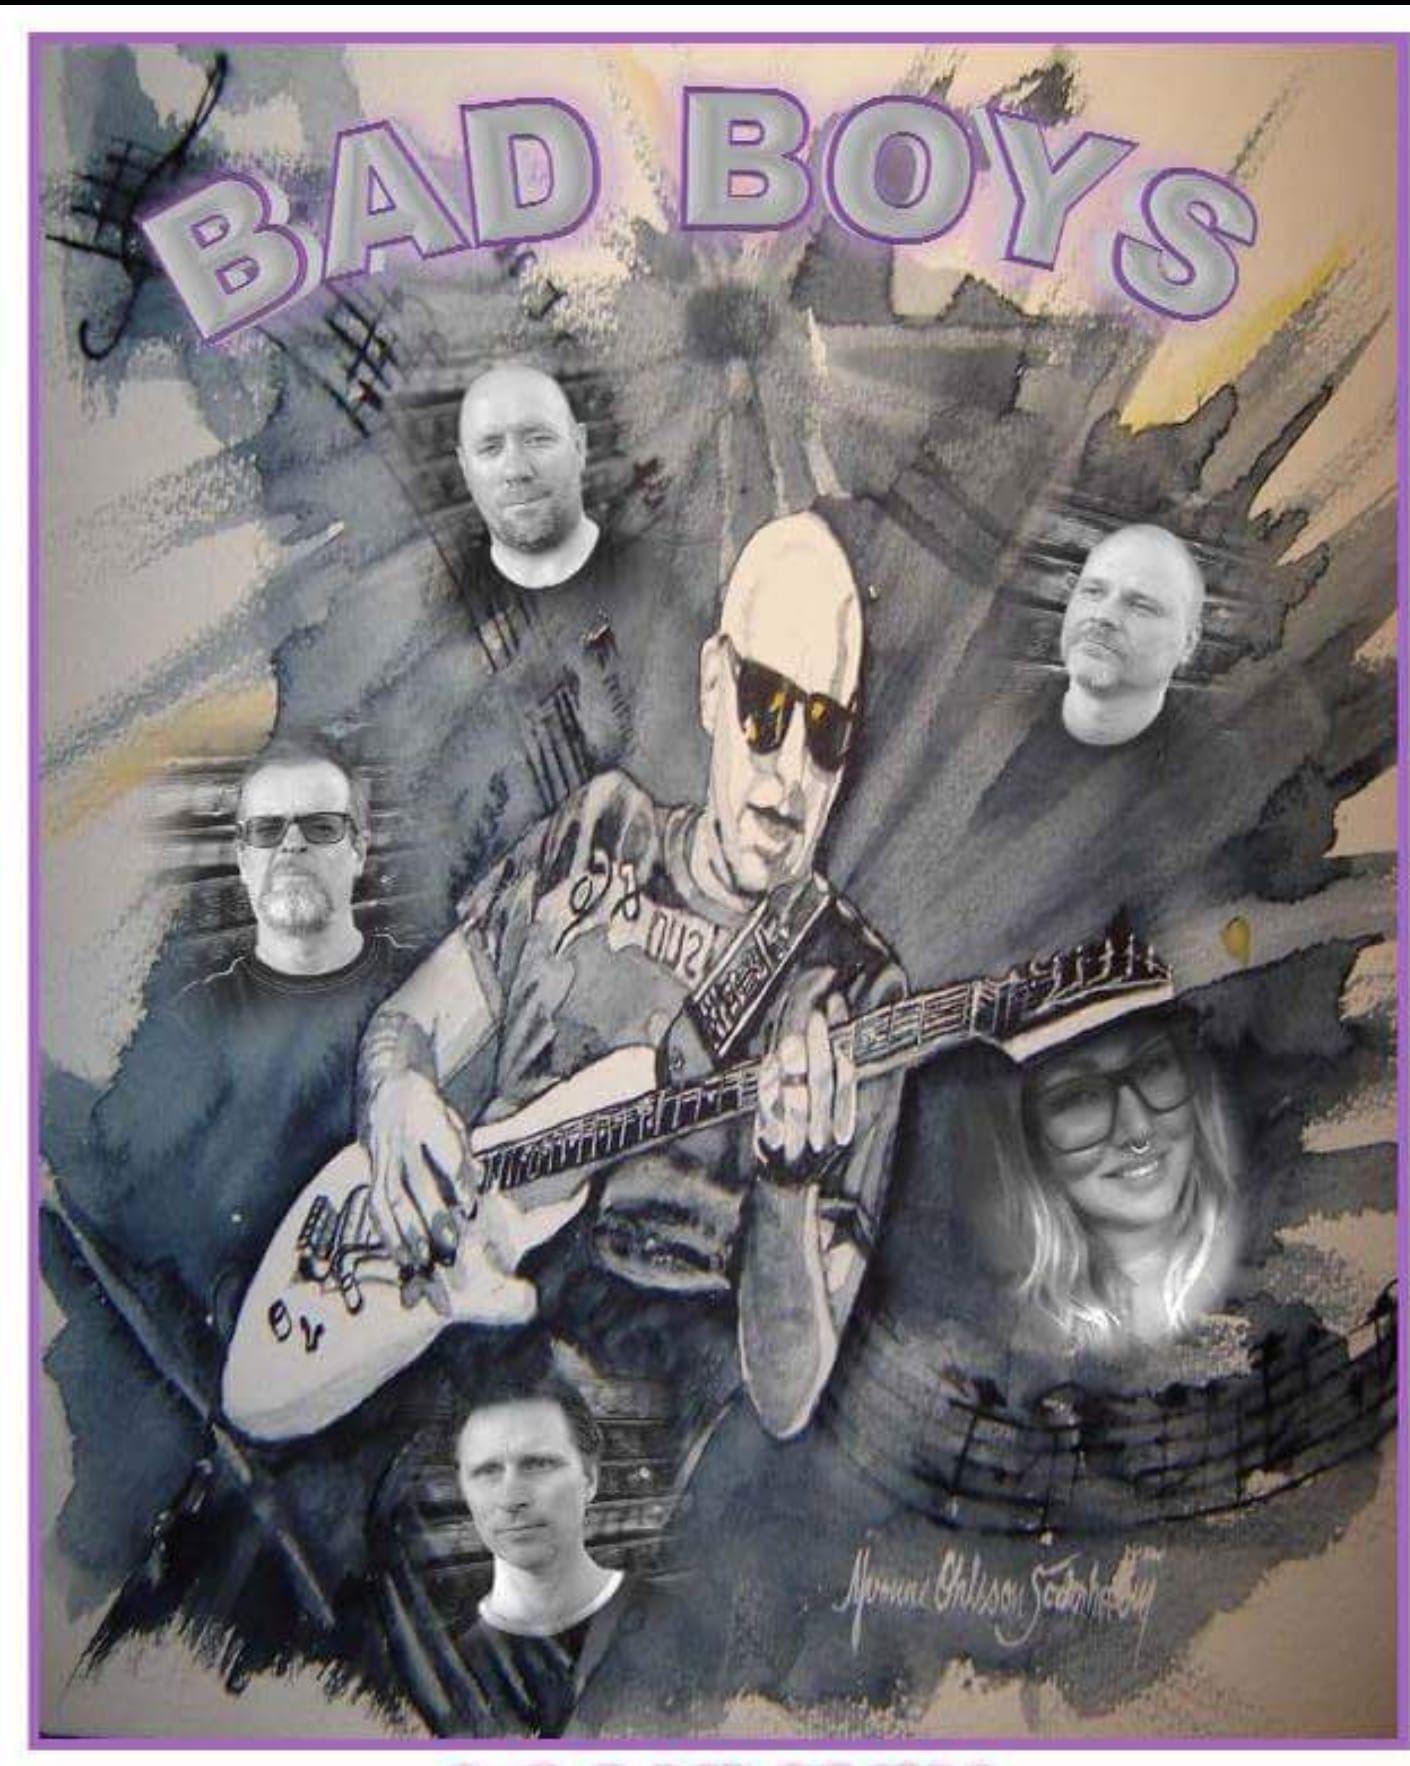 Efterfesten med Bad Boys